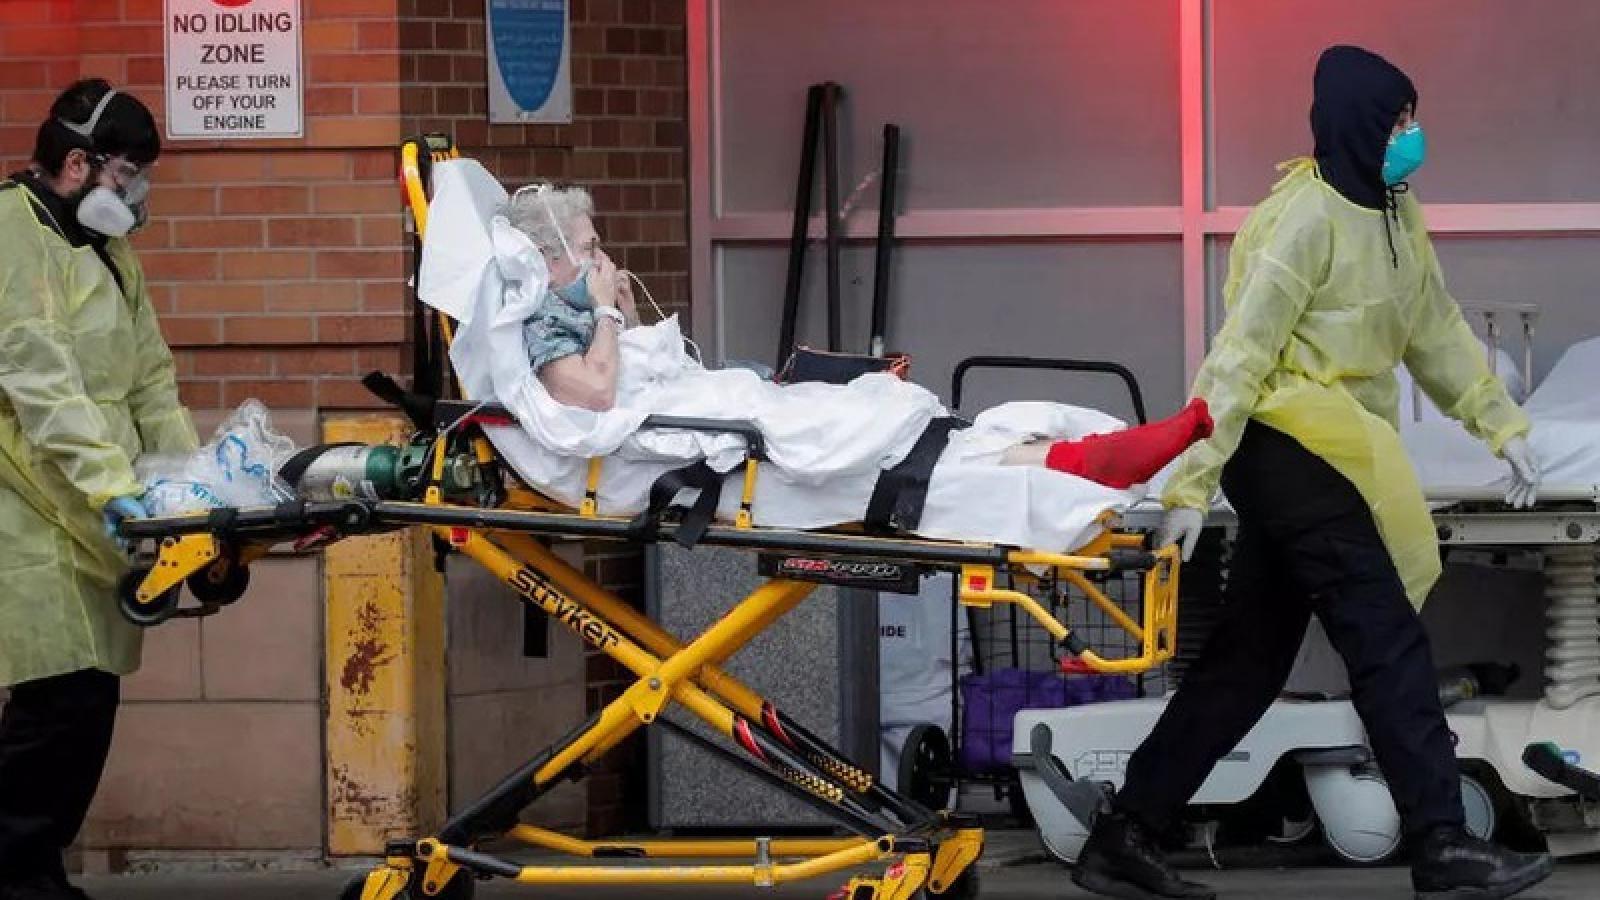 Mỹ ghi nhận gần 25.000 ca tử vong do Covid-19 trong tháng 7